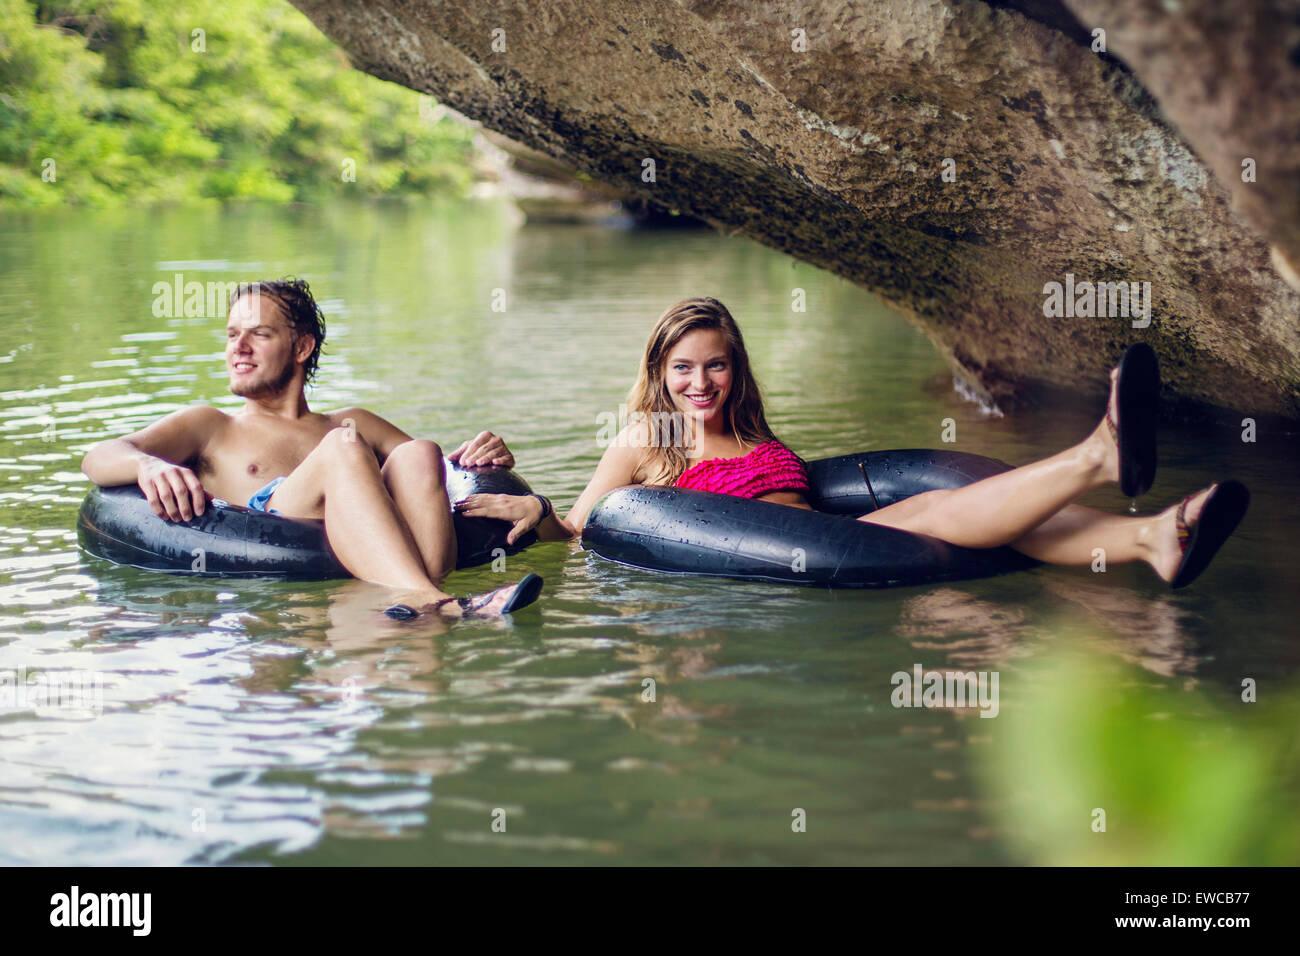 Una giovane coppia di tubi verso un fiume. Immagini Stock